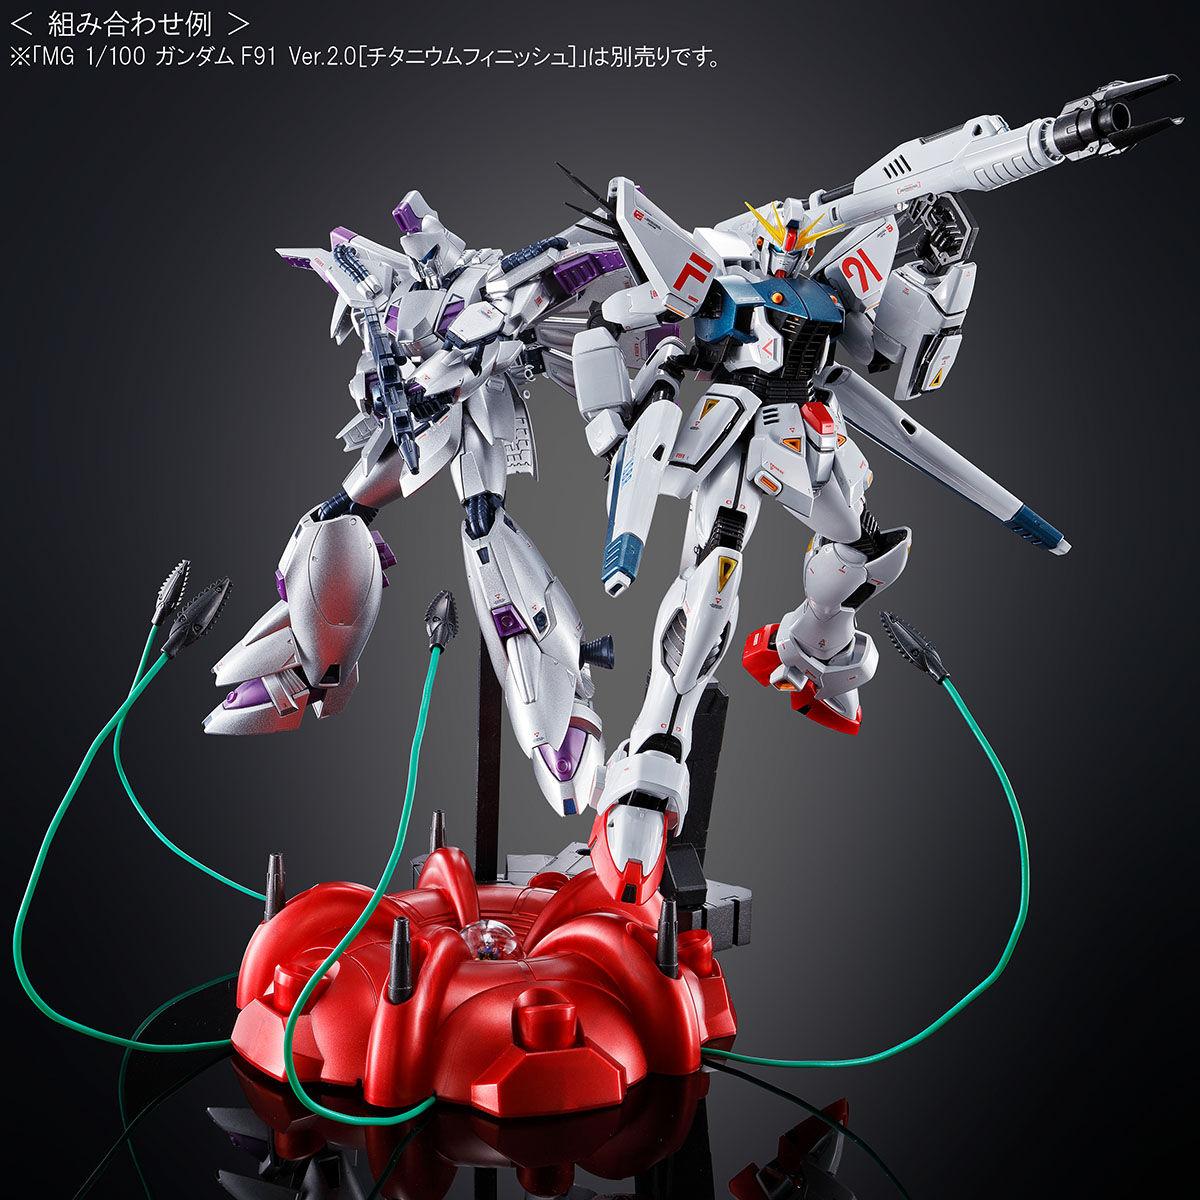 【限定販売】RE/100『ビギナ・ギナ[エクストラフィニッシュ]』1/100 プラモデル-009